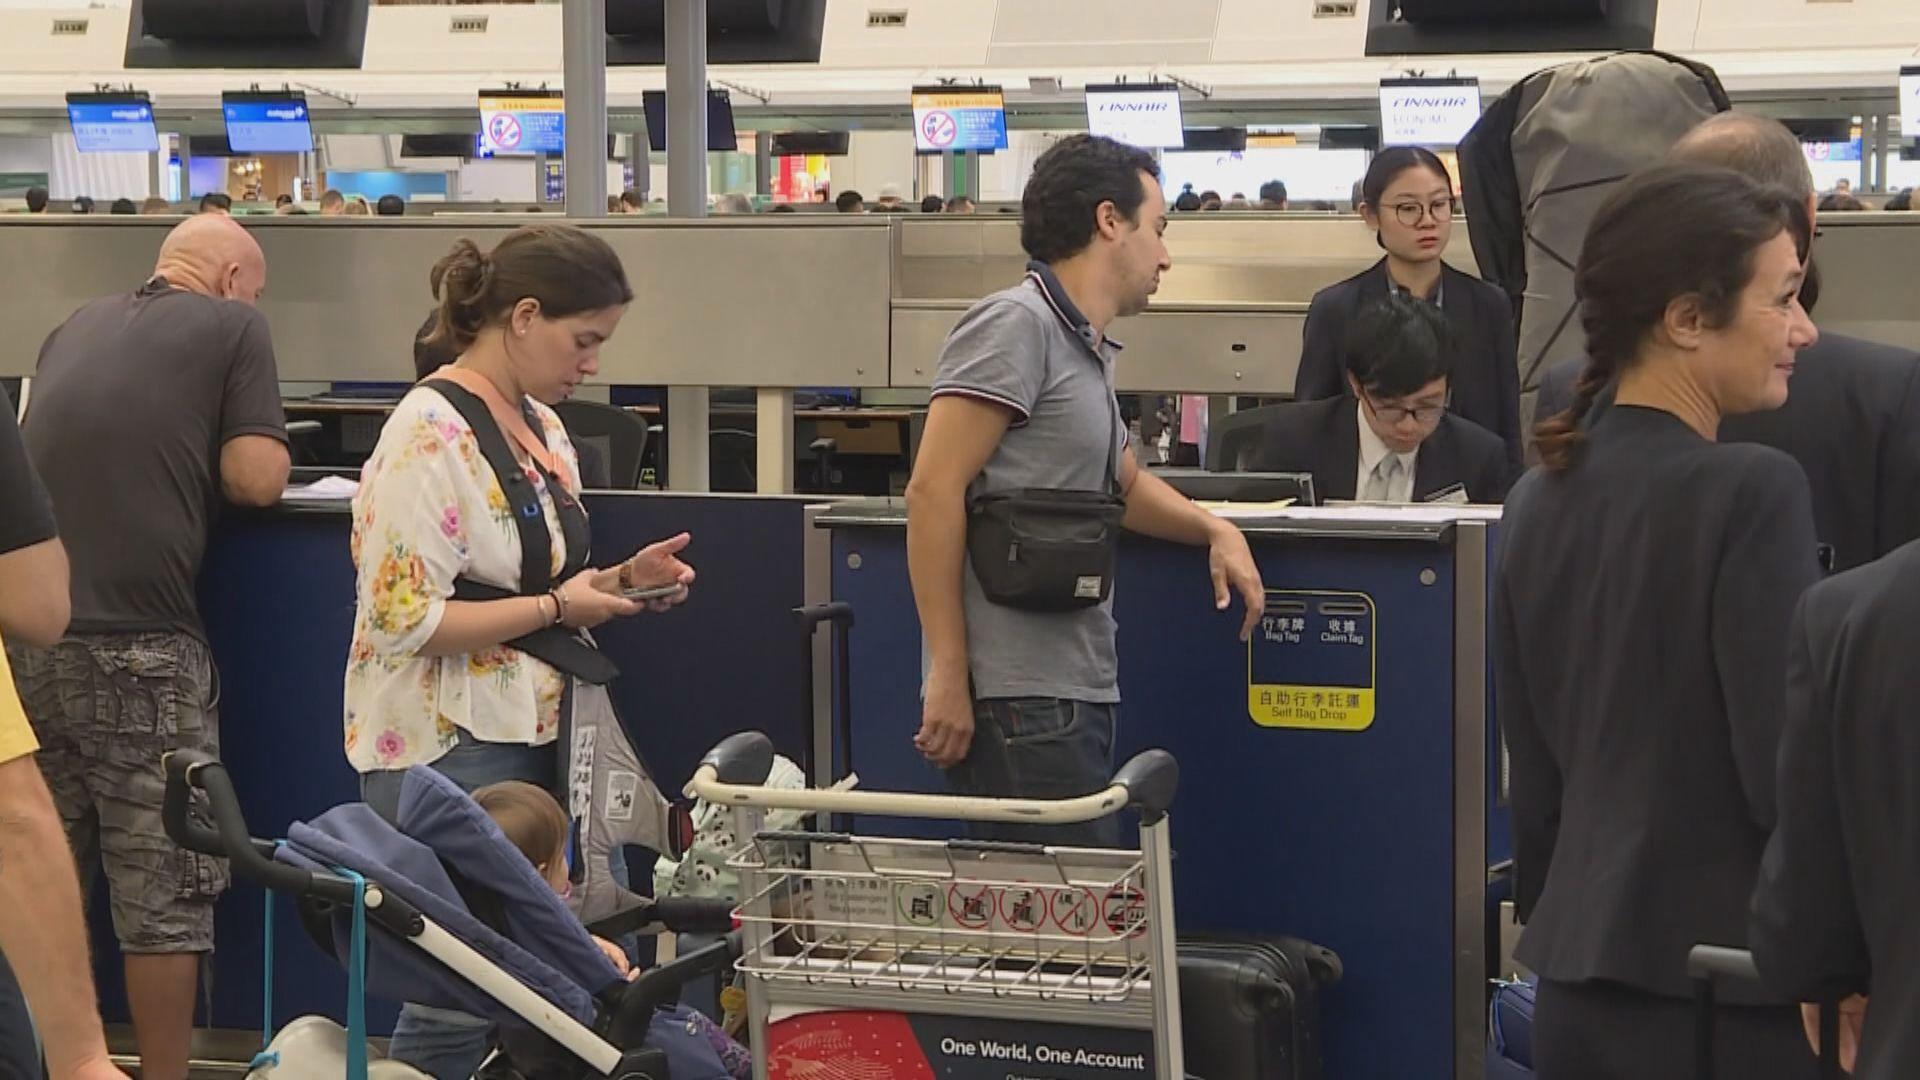 機場服務逐步回復正常